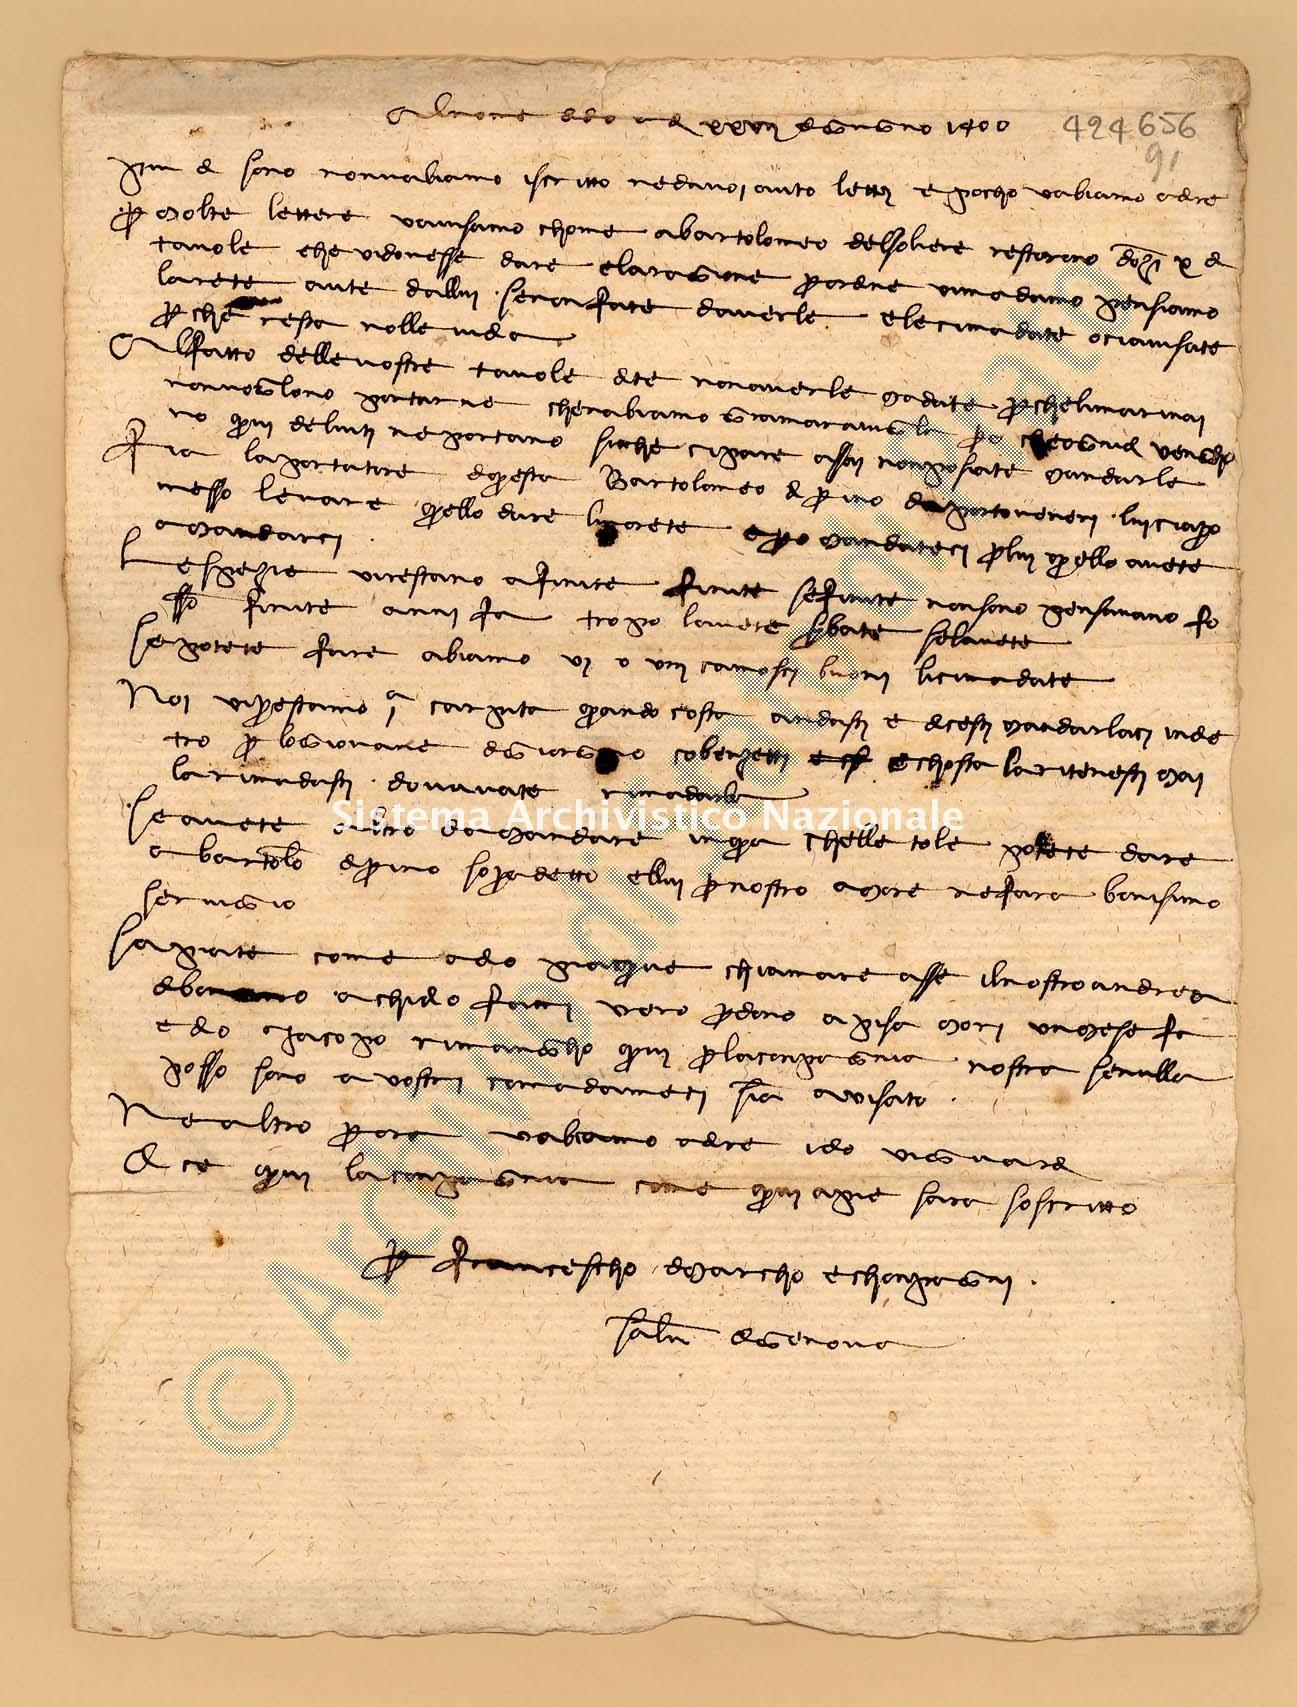 Archivio di Stato di Prato, Fondo Datini, Appendice al carteggio, 1116.171 Lettere Di Datini Francesco Di Marco e Comp. a Dalla Costa Siacro (busta 1116, inserto 171, codice 424656)